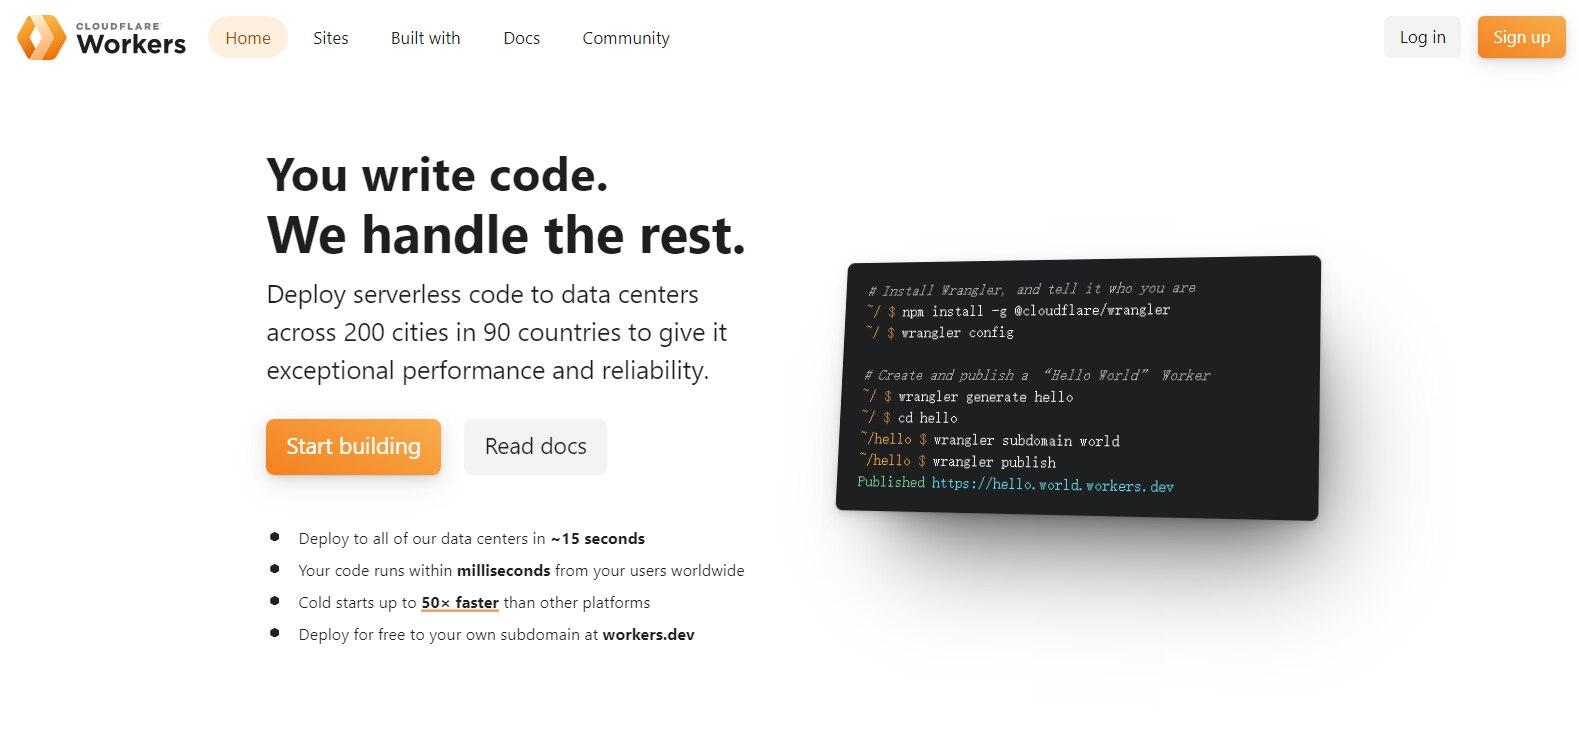 【教程】使用 CF-Worker-Dir 在 Cloudflare Worker 上免费搭建导航网站-木头人123小站